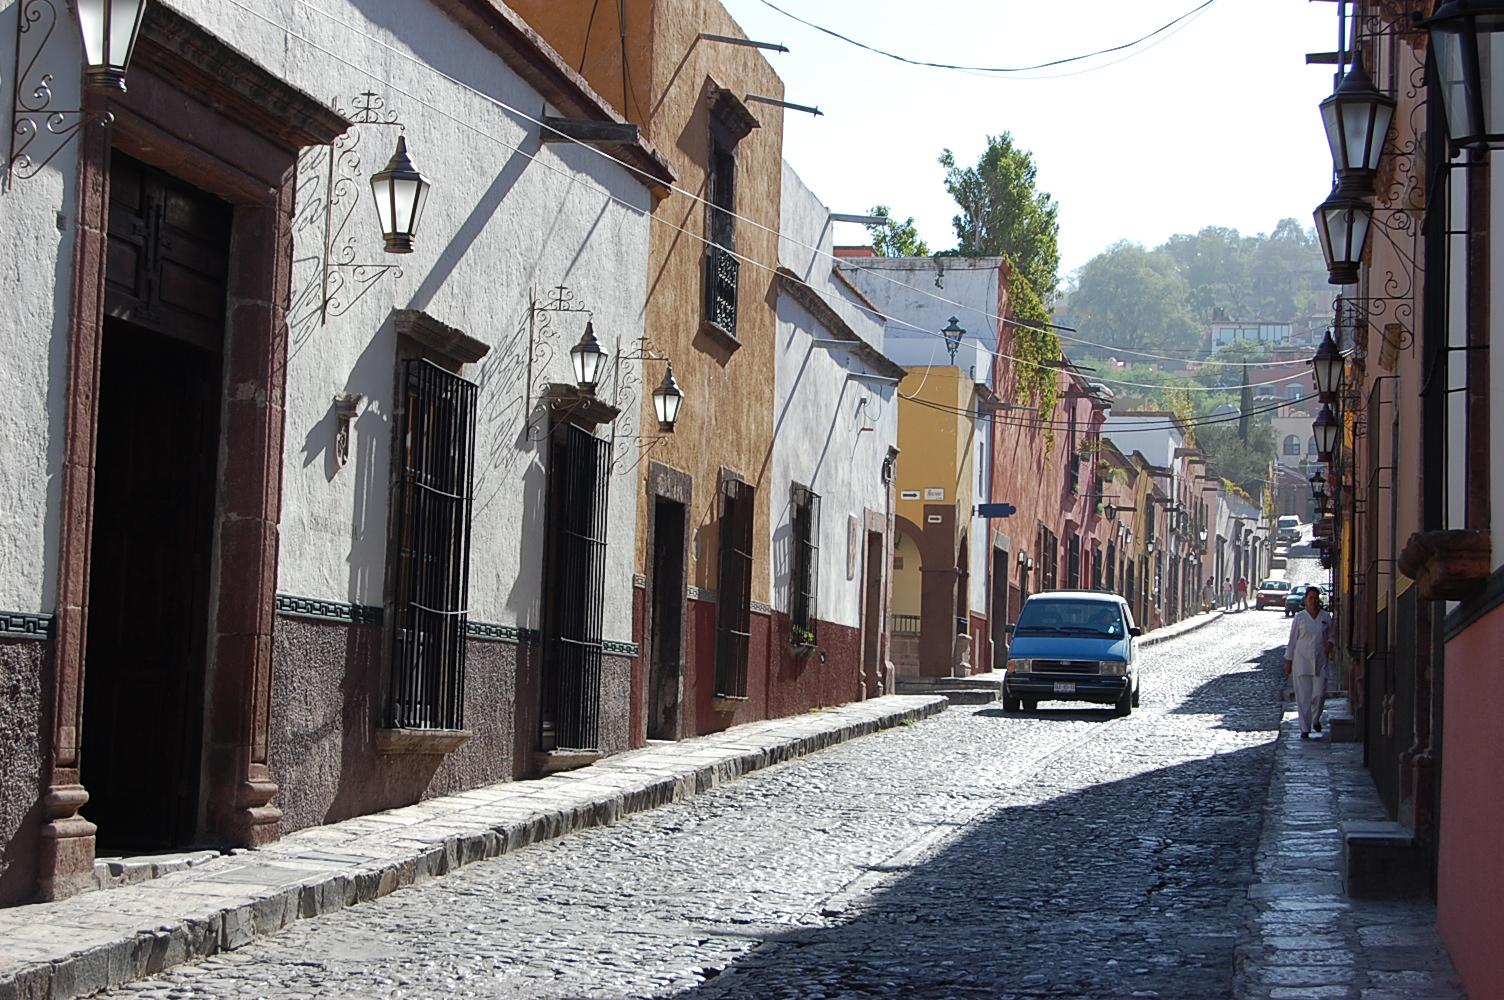 street-scenes-san-miguel-de-allende-mexico